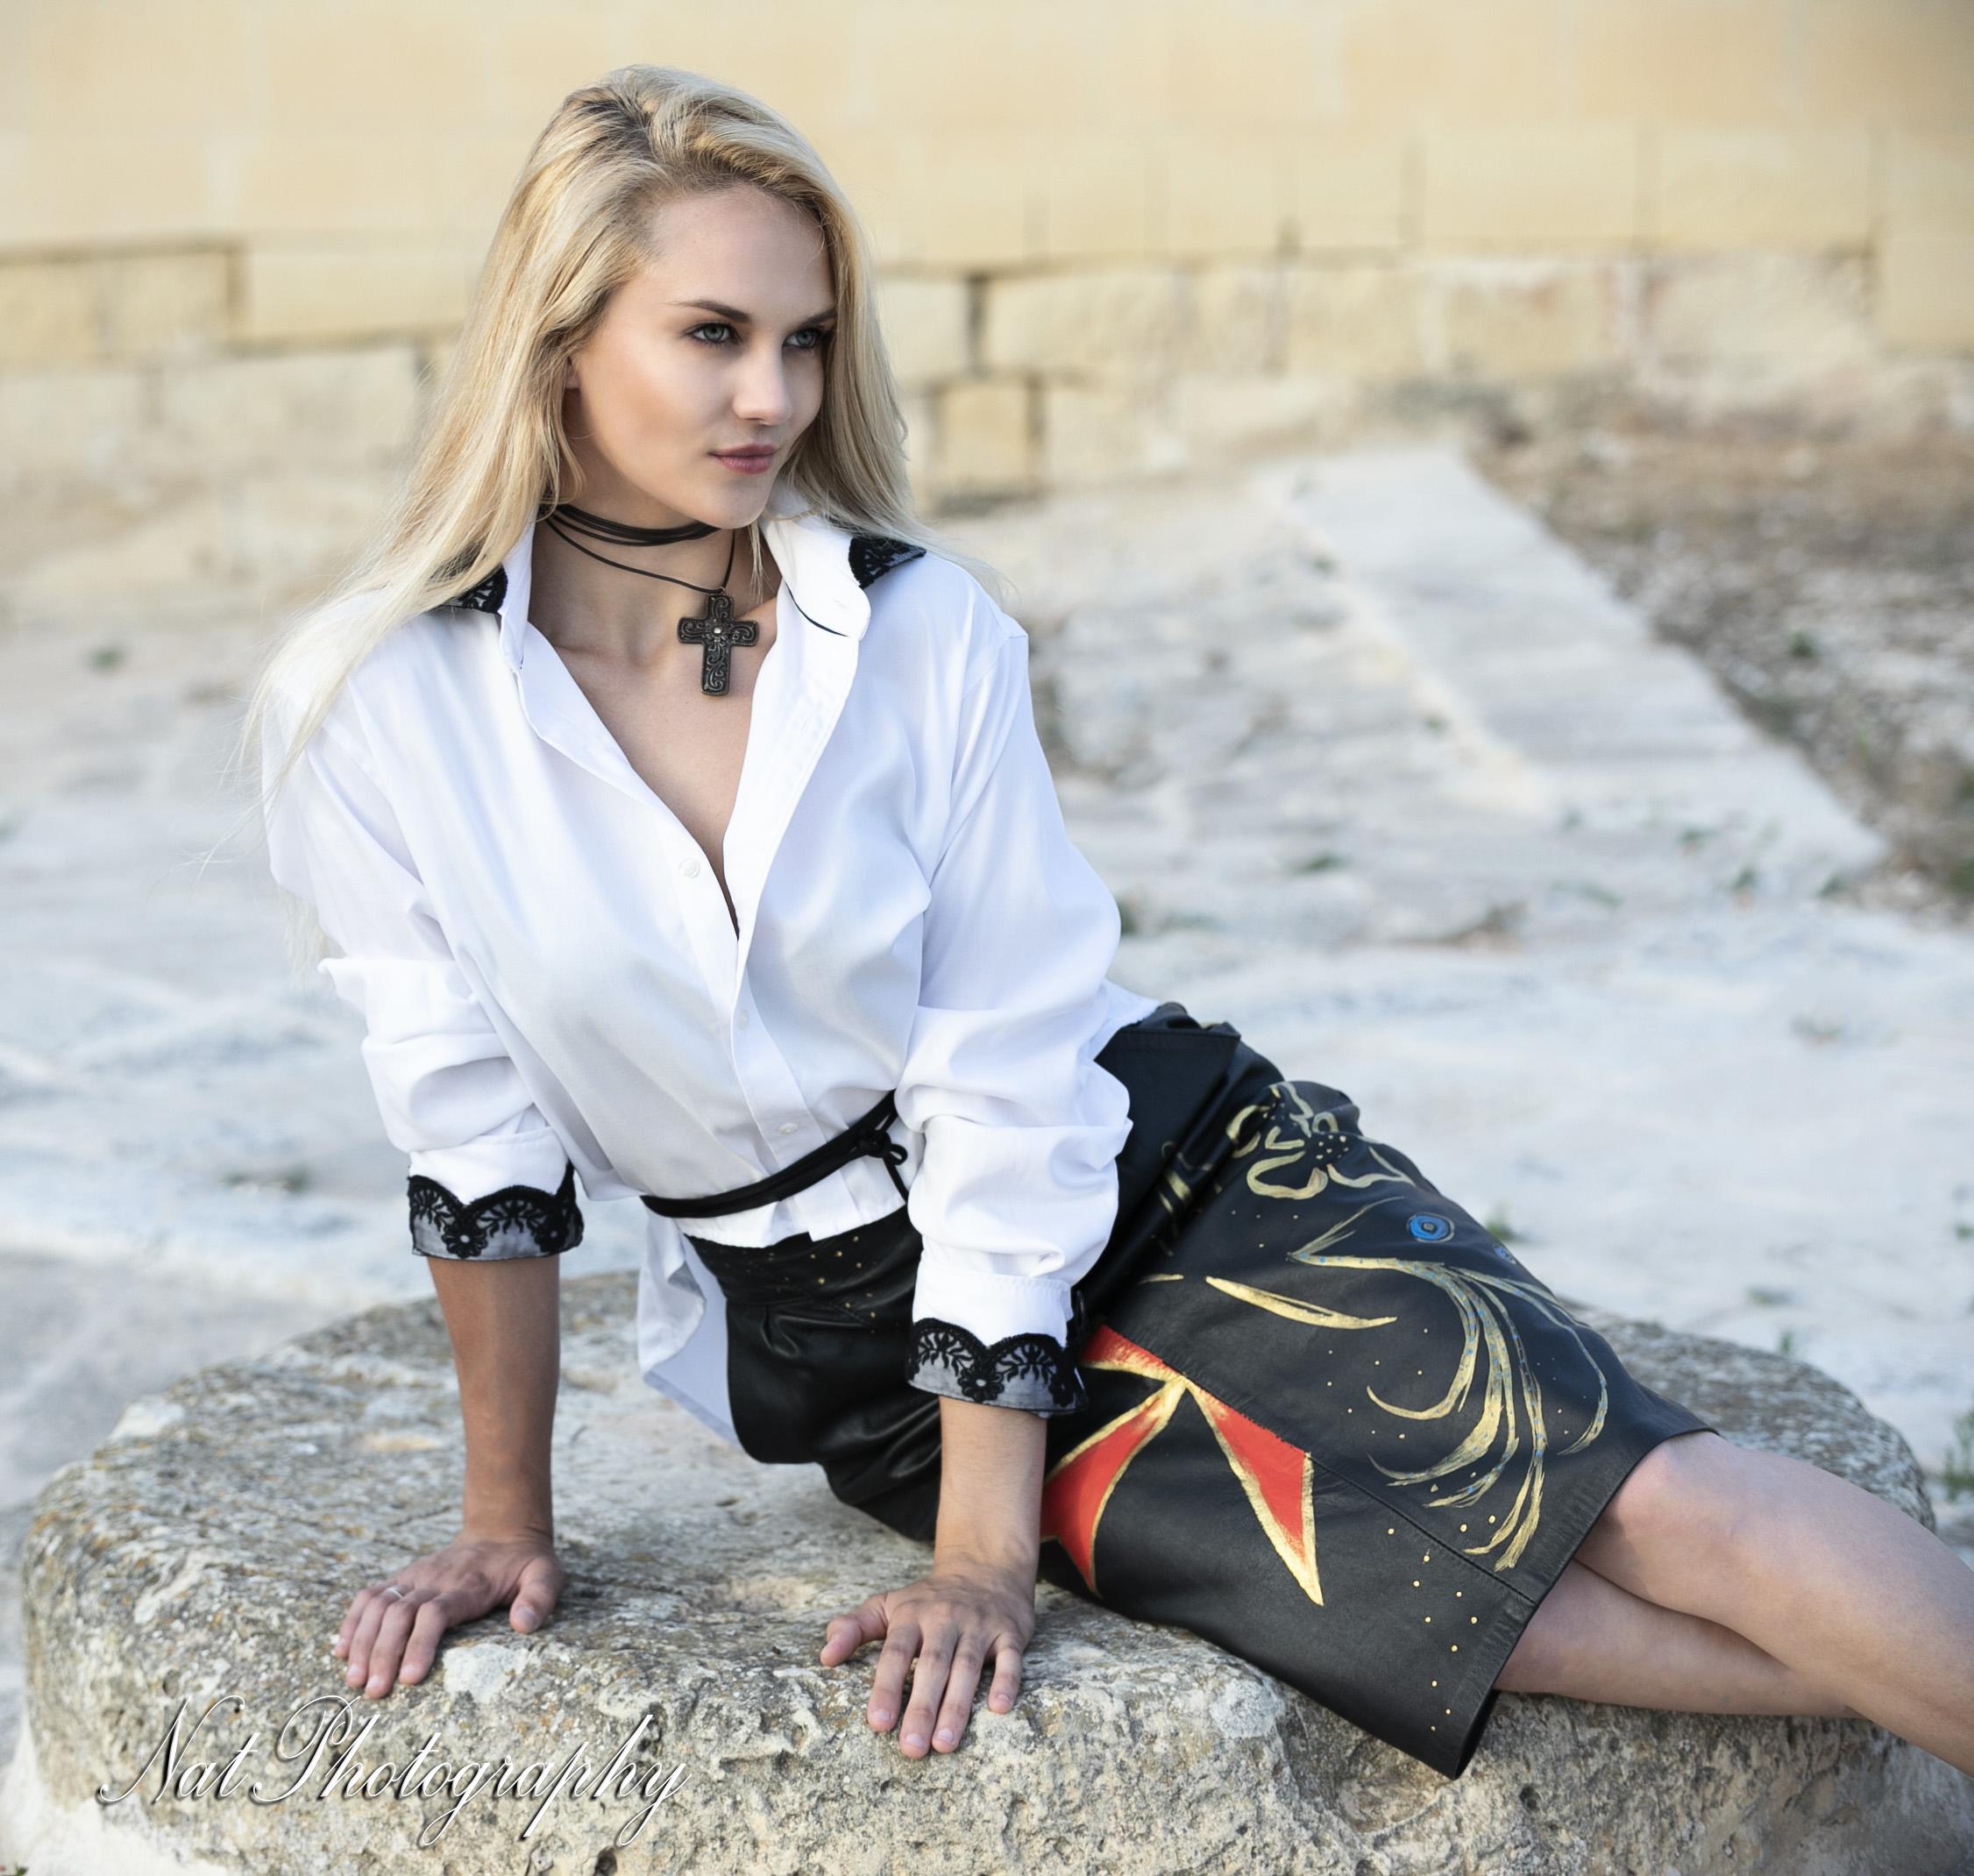 Biografia Lara Spiteri Fashion Designer City Roma News